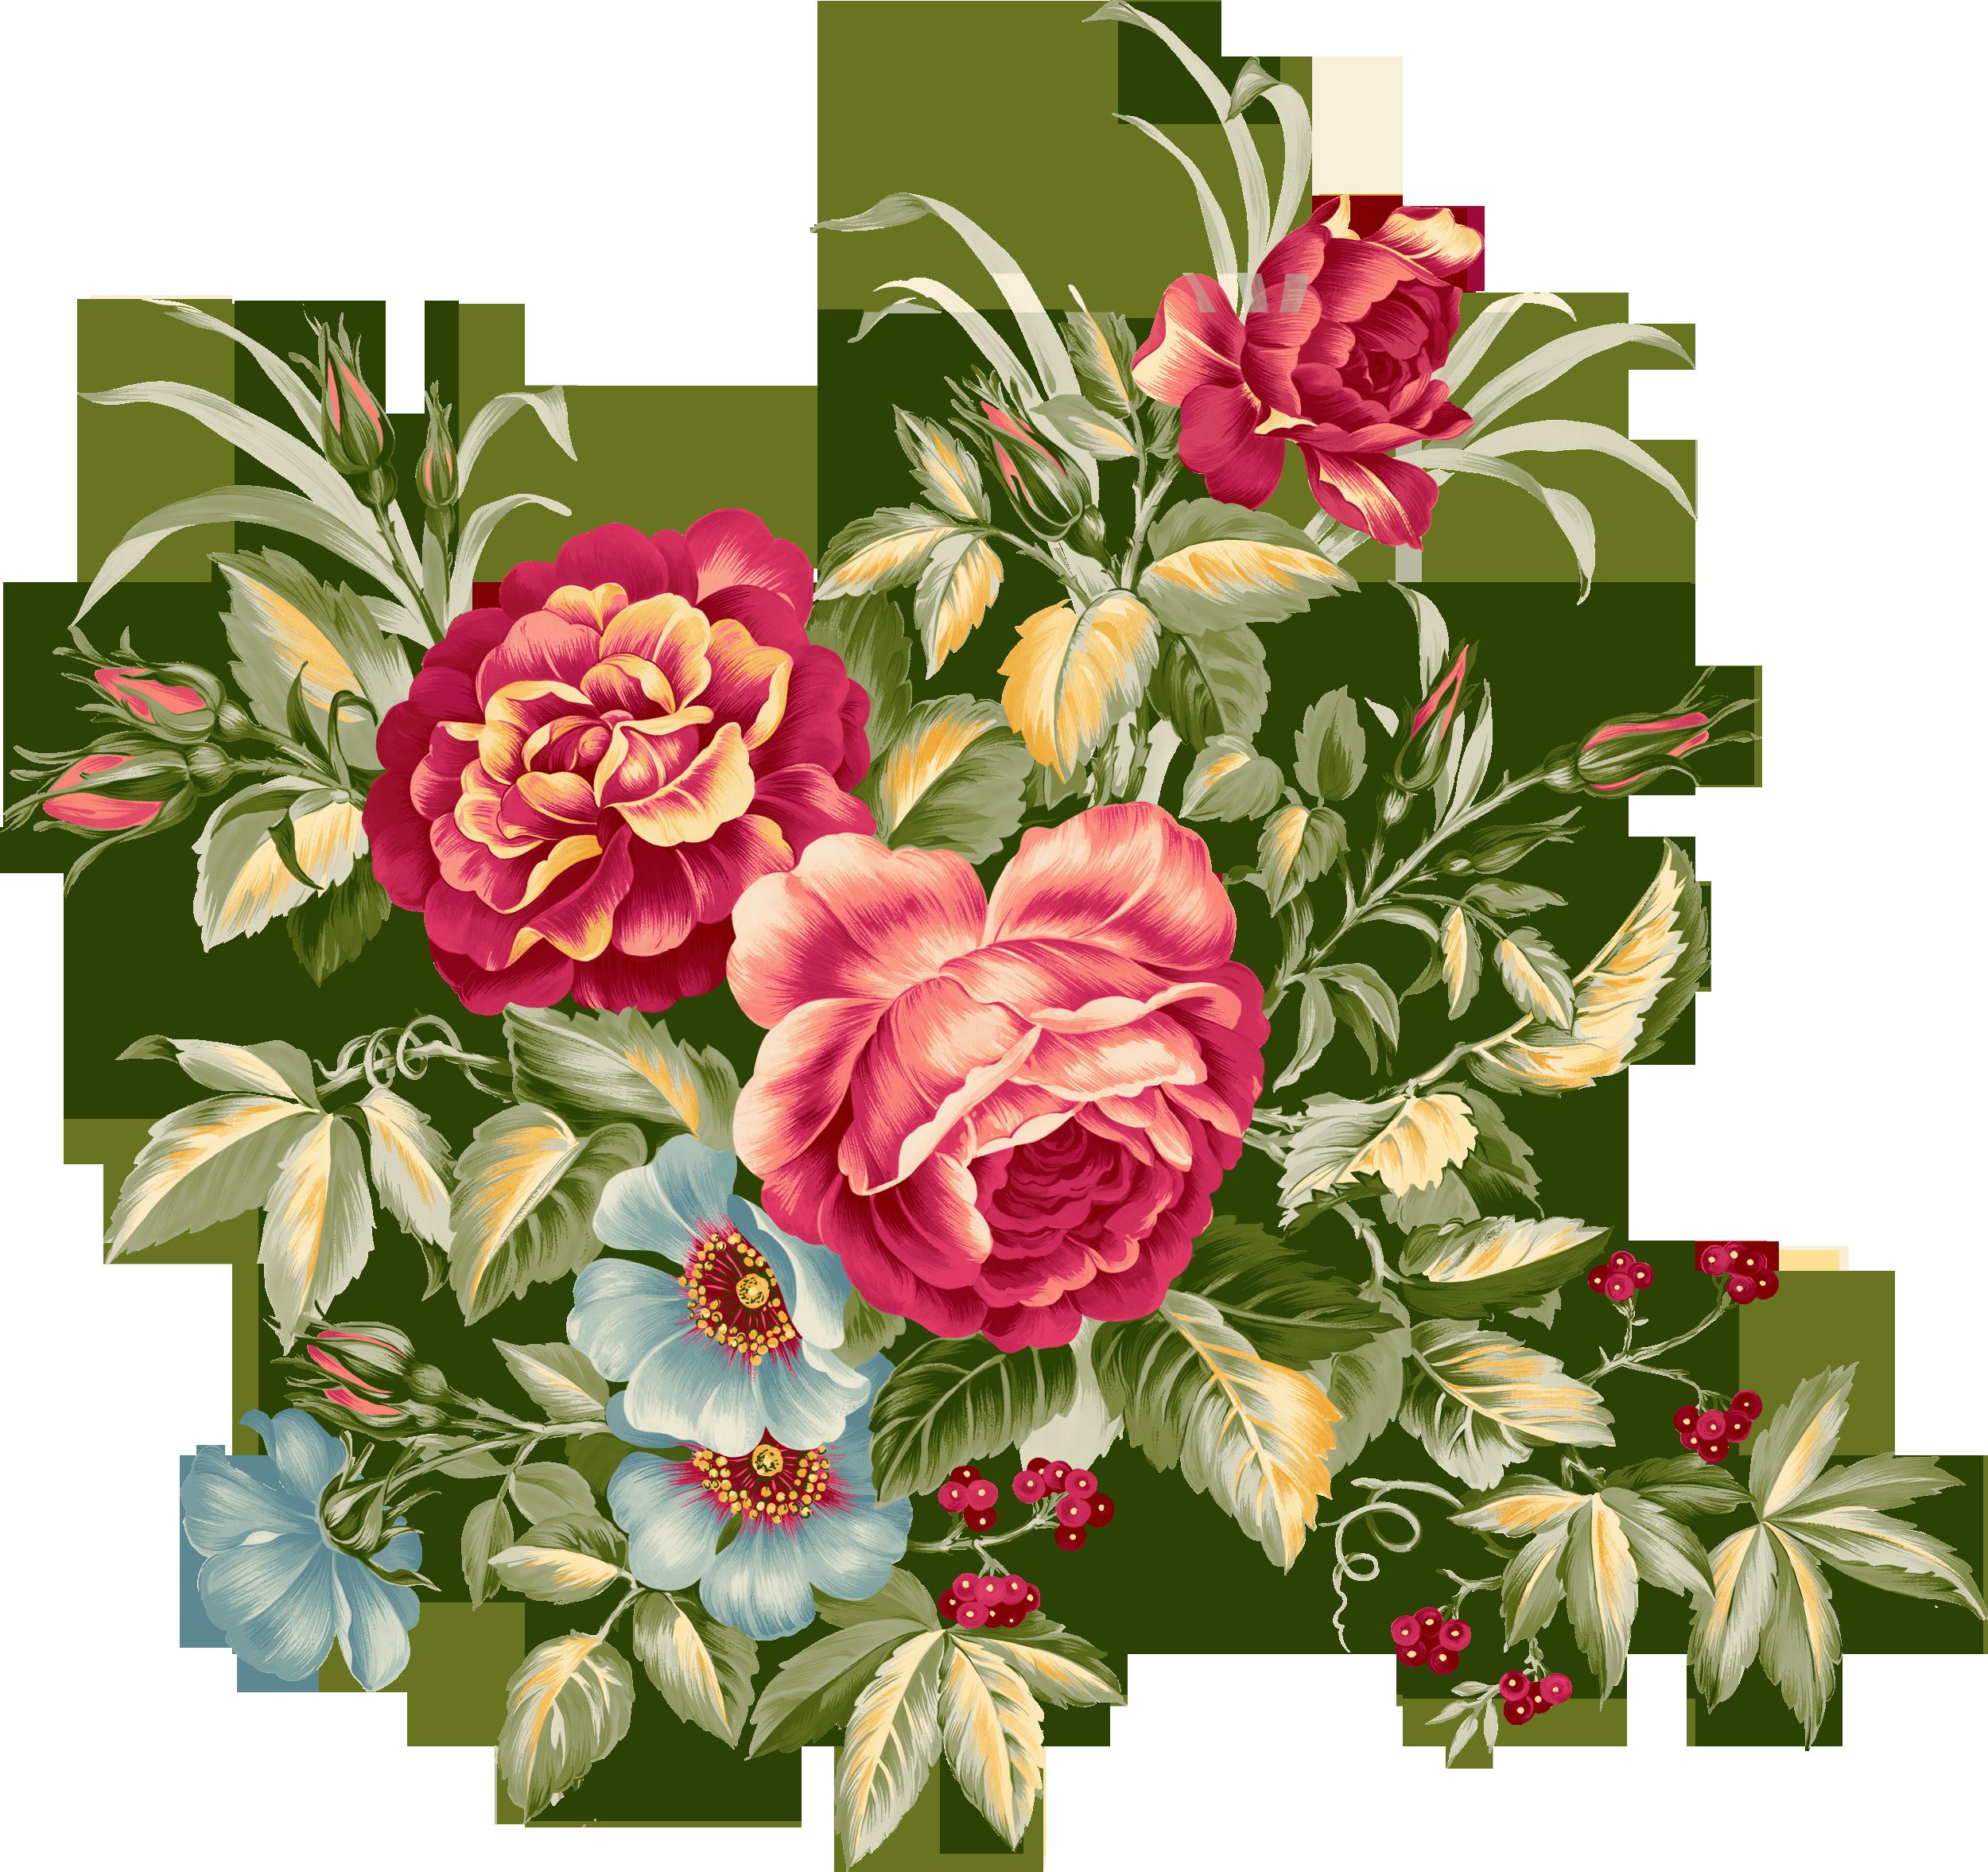 Фото красивых цветов и букетов высокого